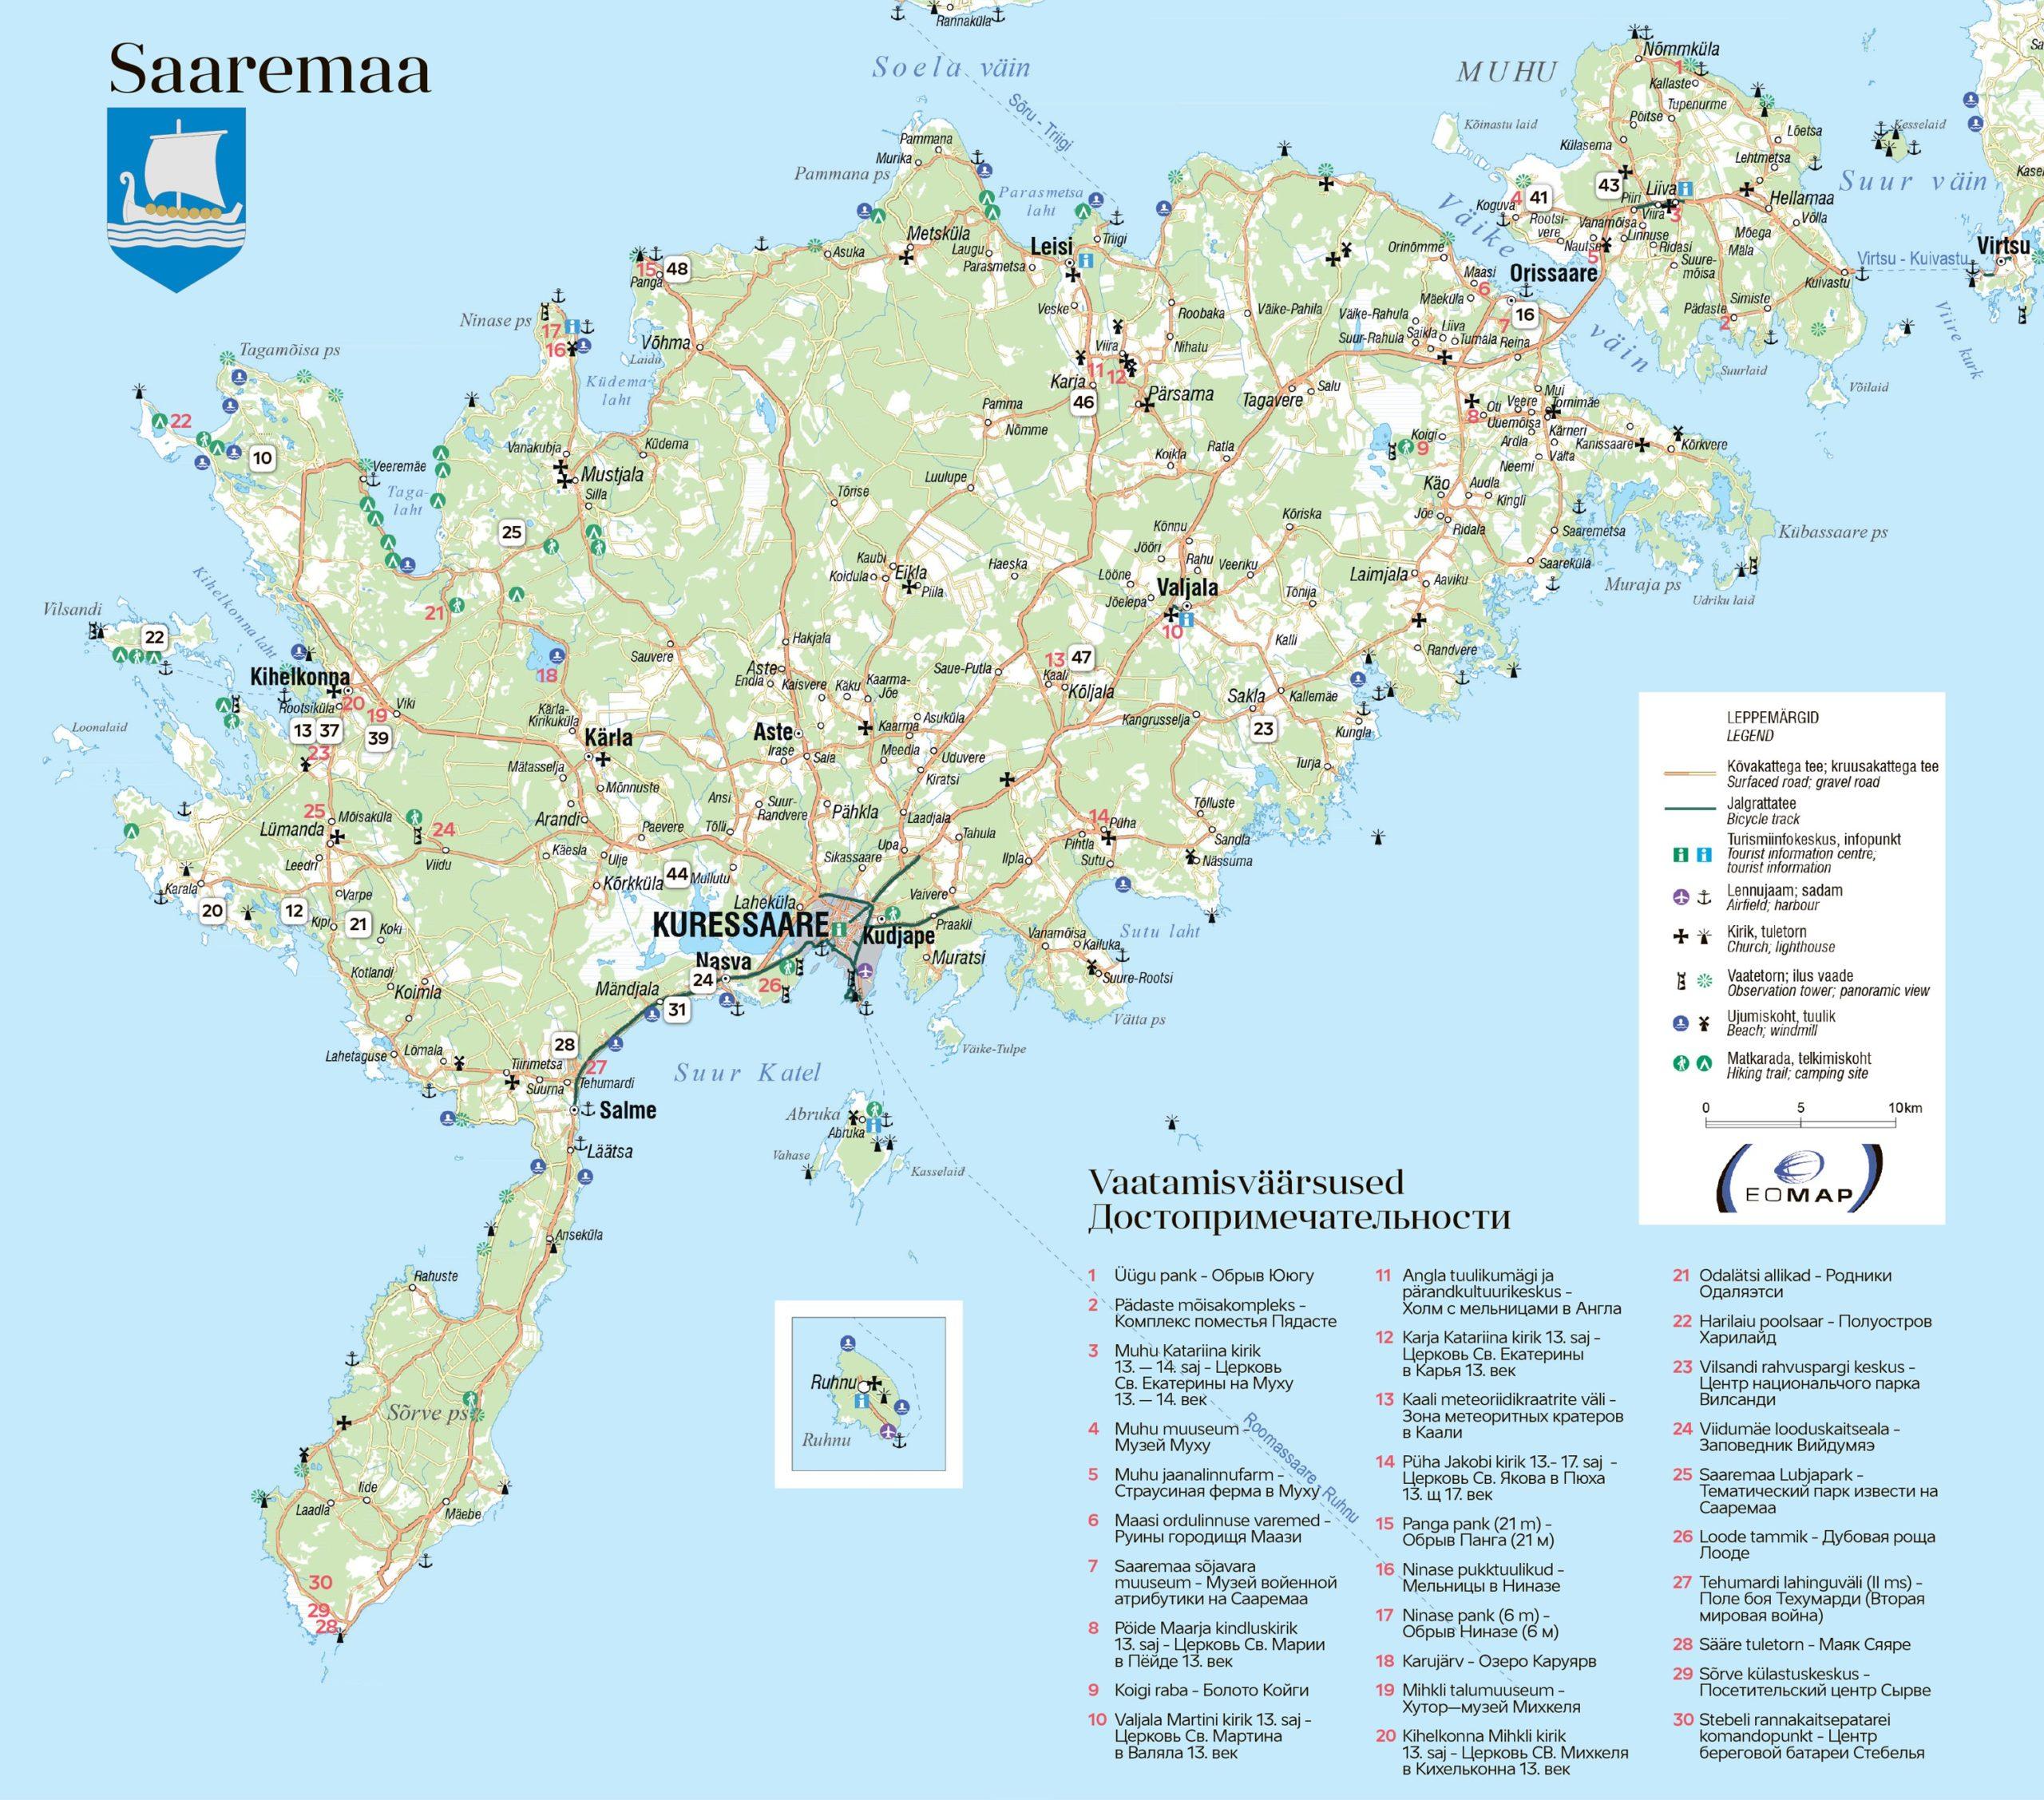 Достопримечательности Сааремаа на карте